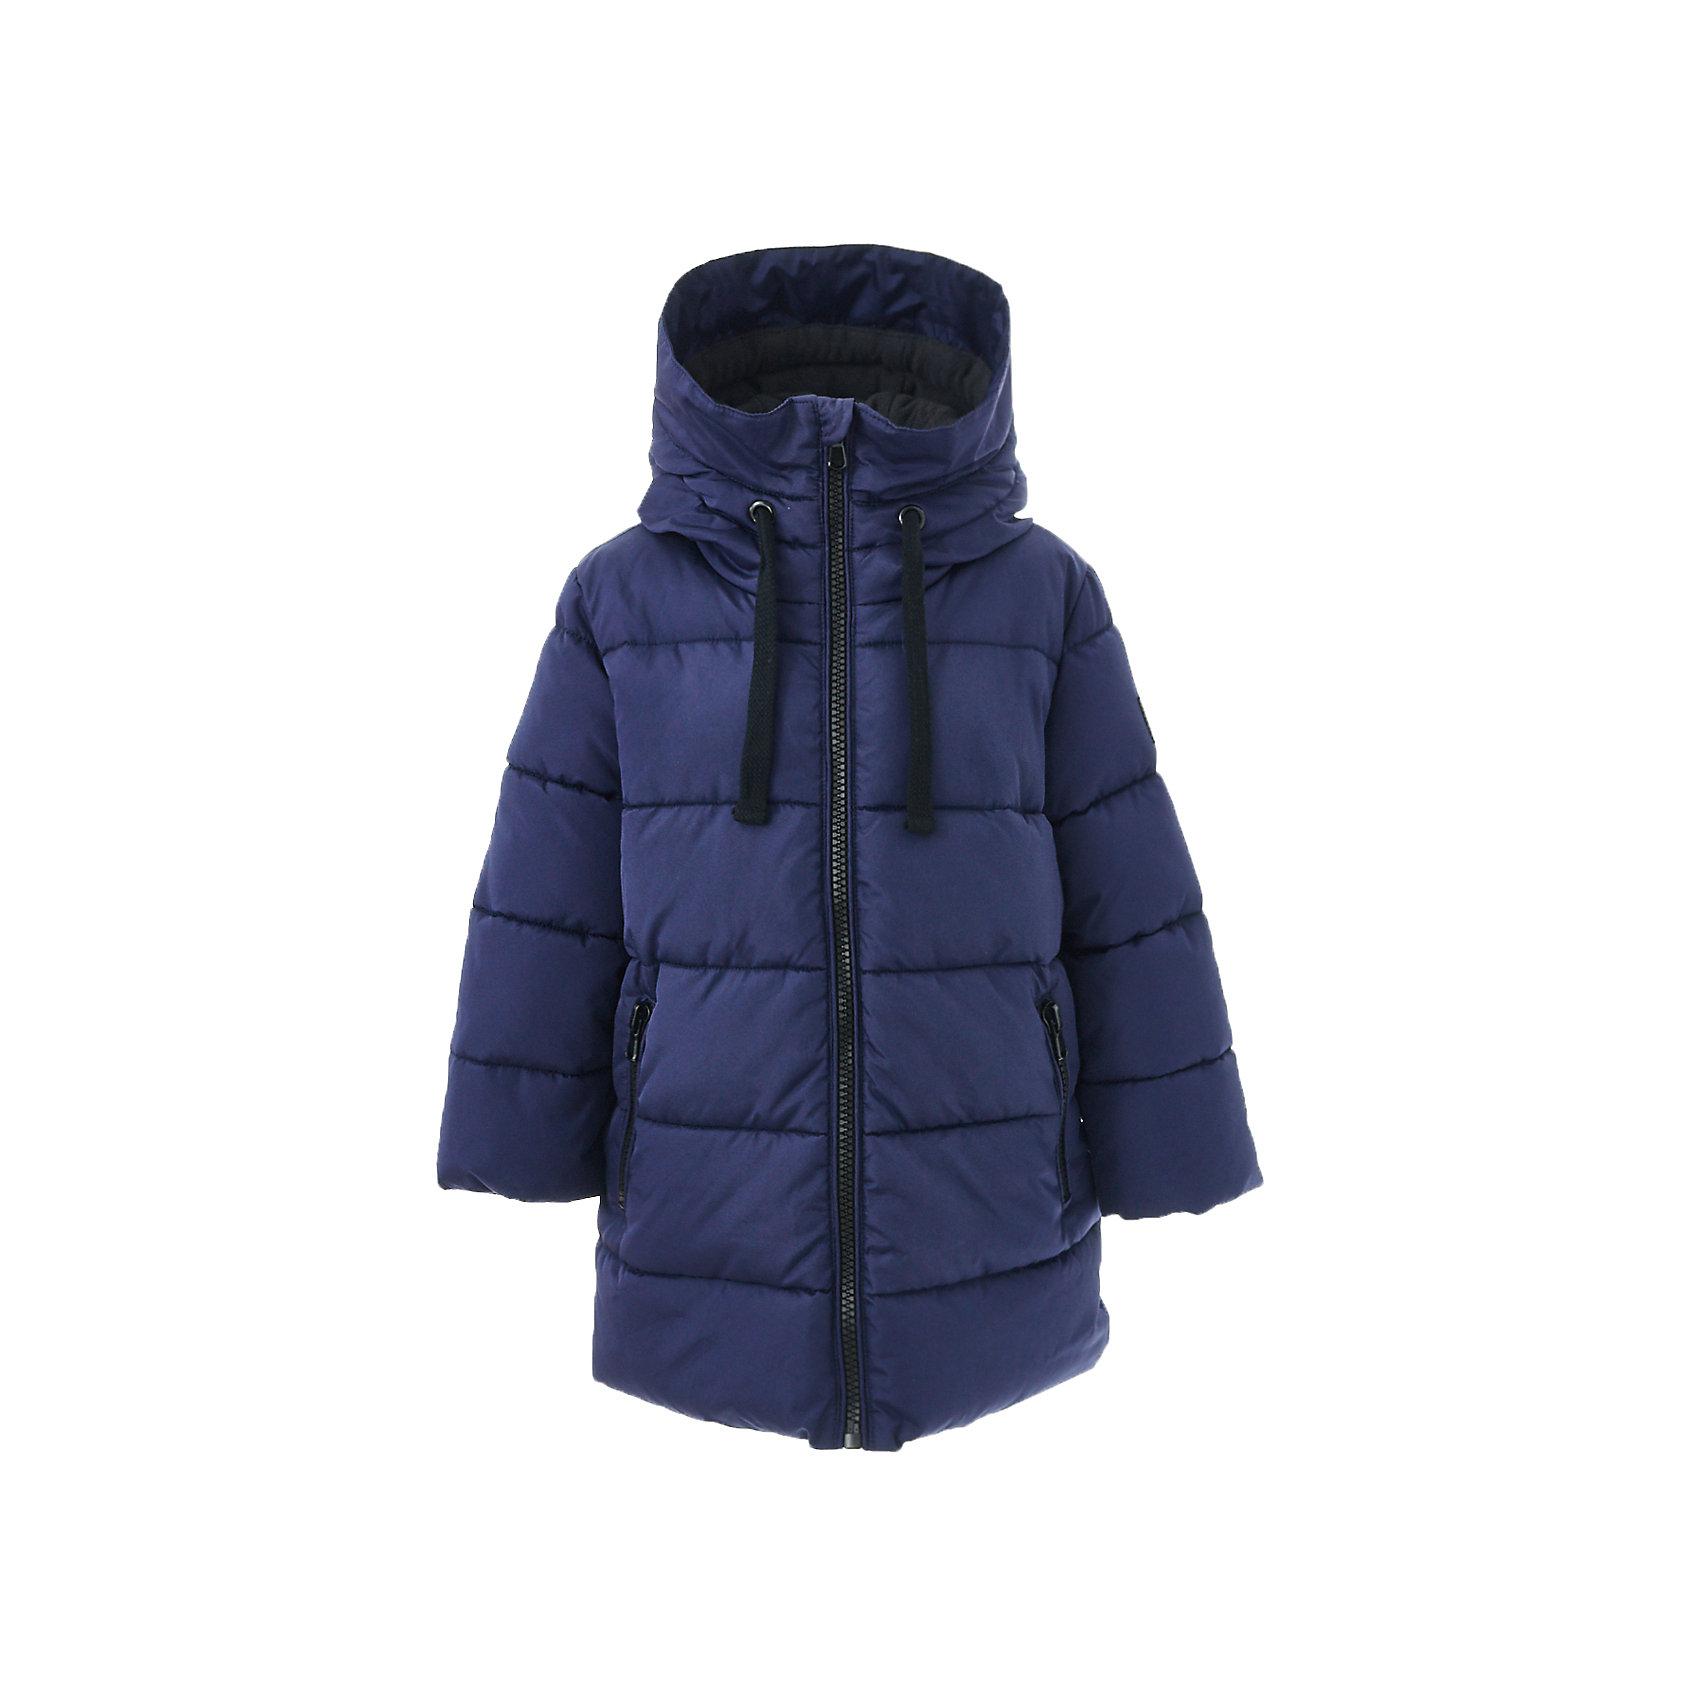 Пальто зимнее Button Blue для мальчикаВерхняя одежда<br>Характеристики товара:<br><br>• цвет: синий;<br>• состав: 100% полиэстер;<br>• подкладка: 100% полиэстер, 100% хлопок;<br>• утеплитель: 100% полиэстер;<br>• сезон: зима;<br>• температурный режим: от 0 до -20С;<br>• застежка: молния по всей длине с дополнительной планкой на кнопках;<br>• защита подбородка от защемления;<br>• капюшон не отстегивается;<br>• внутренняя часть капюшона из мягкого теплого флиса;<br>• капюшон дополнен шнурком-утяжкой со стопером;<br>• эластичные трикотажные внутренние манжеты;<br>• внутренняя утяжка со стопером по низу изделия;<br>• два боковых кармана;<br>• страна бренда: Россия;<br>• страна изготовитель: Китай.<br><br>Зимнее пальто с капюшоном для мальчика. Пальто застегивается на молнию по всей длине. У пальто эластичные внутренние манжеты и высокий воротник для защиты от ветра и холода.<br><br>Пальто Button Blue (Баттон Блю) можно купить в нашем интернет-магазине.<br><br>Ширина мм: 356<br>Глубина мм: 10<br>Высота мм: 245<br>Вес г: 519<br>Цвет: темно-синий<br>Возраст от месяцев: 144<br>Возраст до месяцев: 156<br>Пол: Мужской<br>Возраст: Детский<br>Размер: 128,134,140,146,152,158,122<br>SKU: 7038968